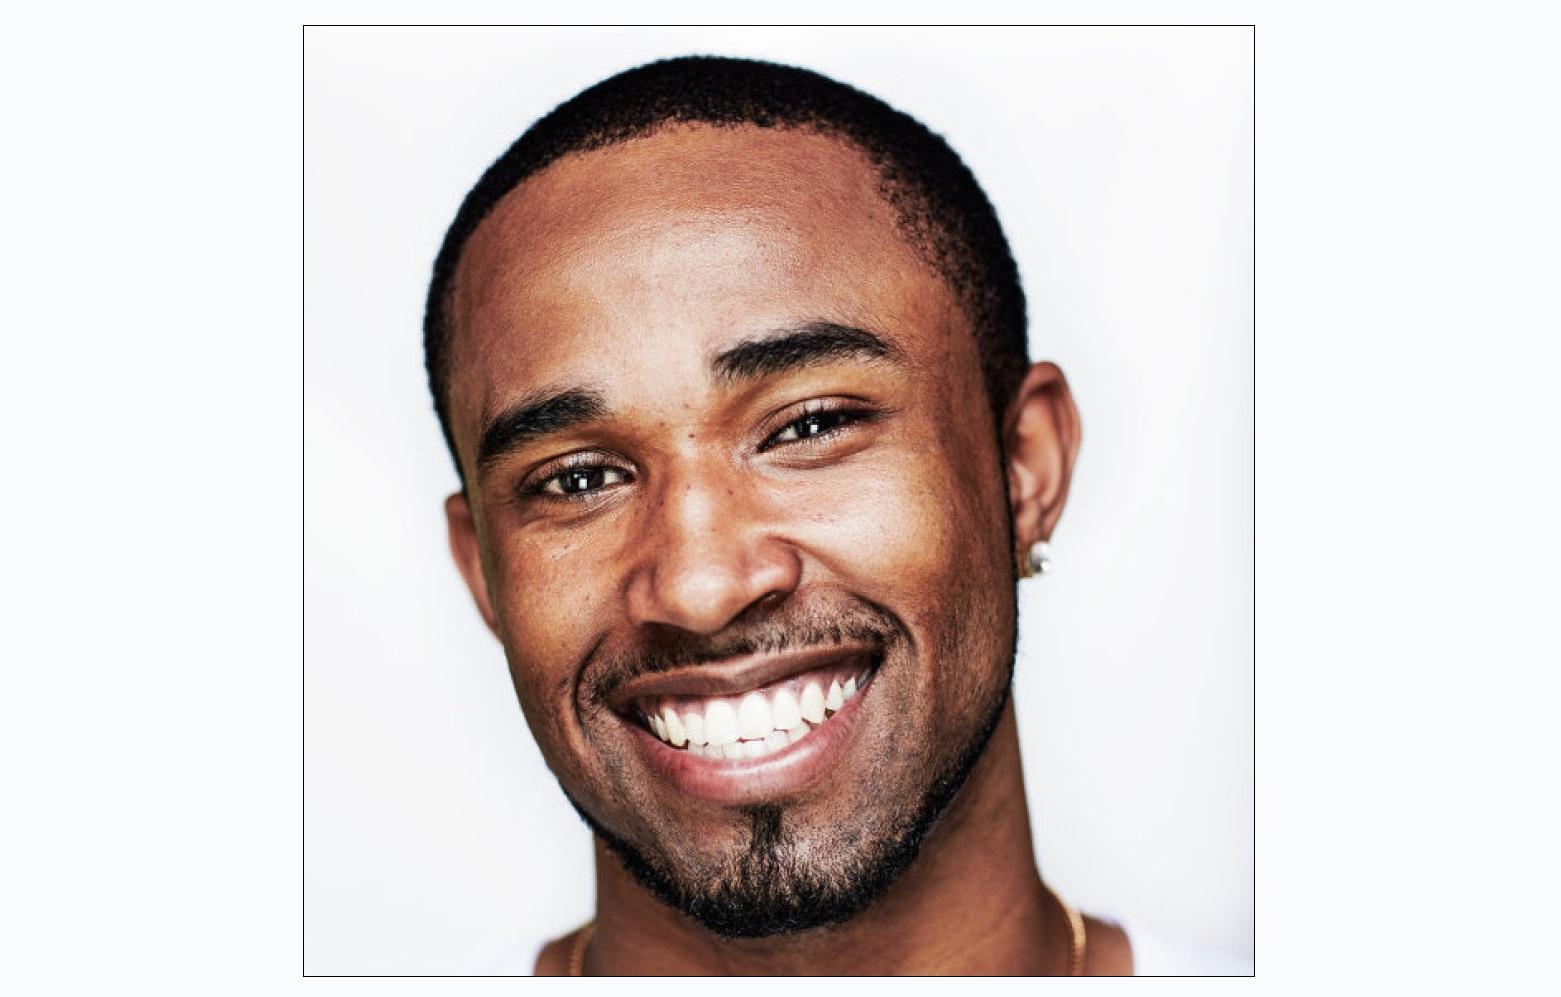 Alonzo Gordon. (photo courtesy of MTV)